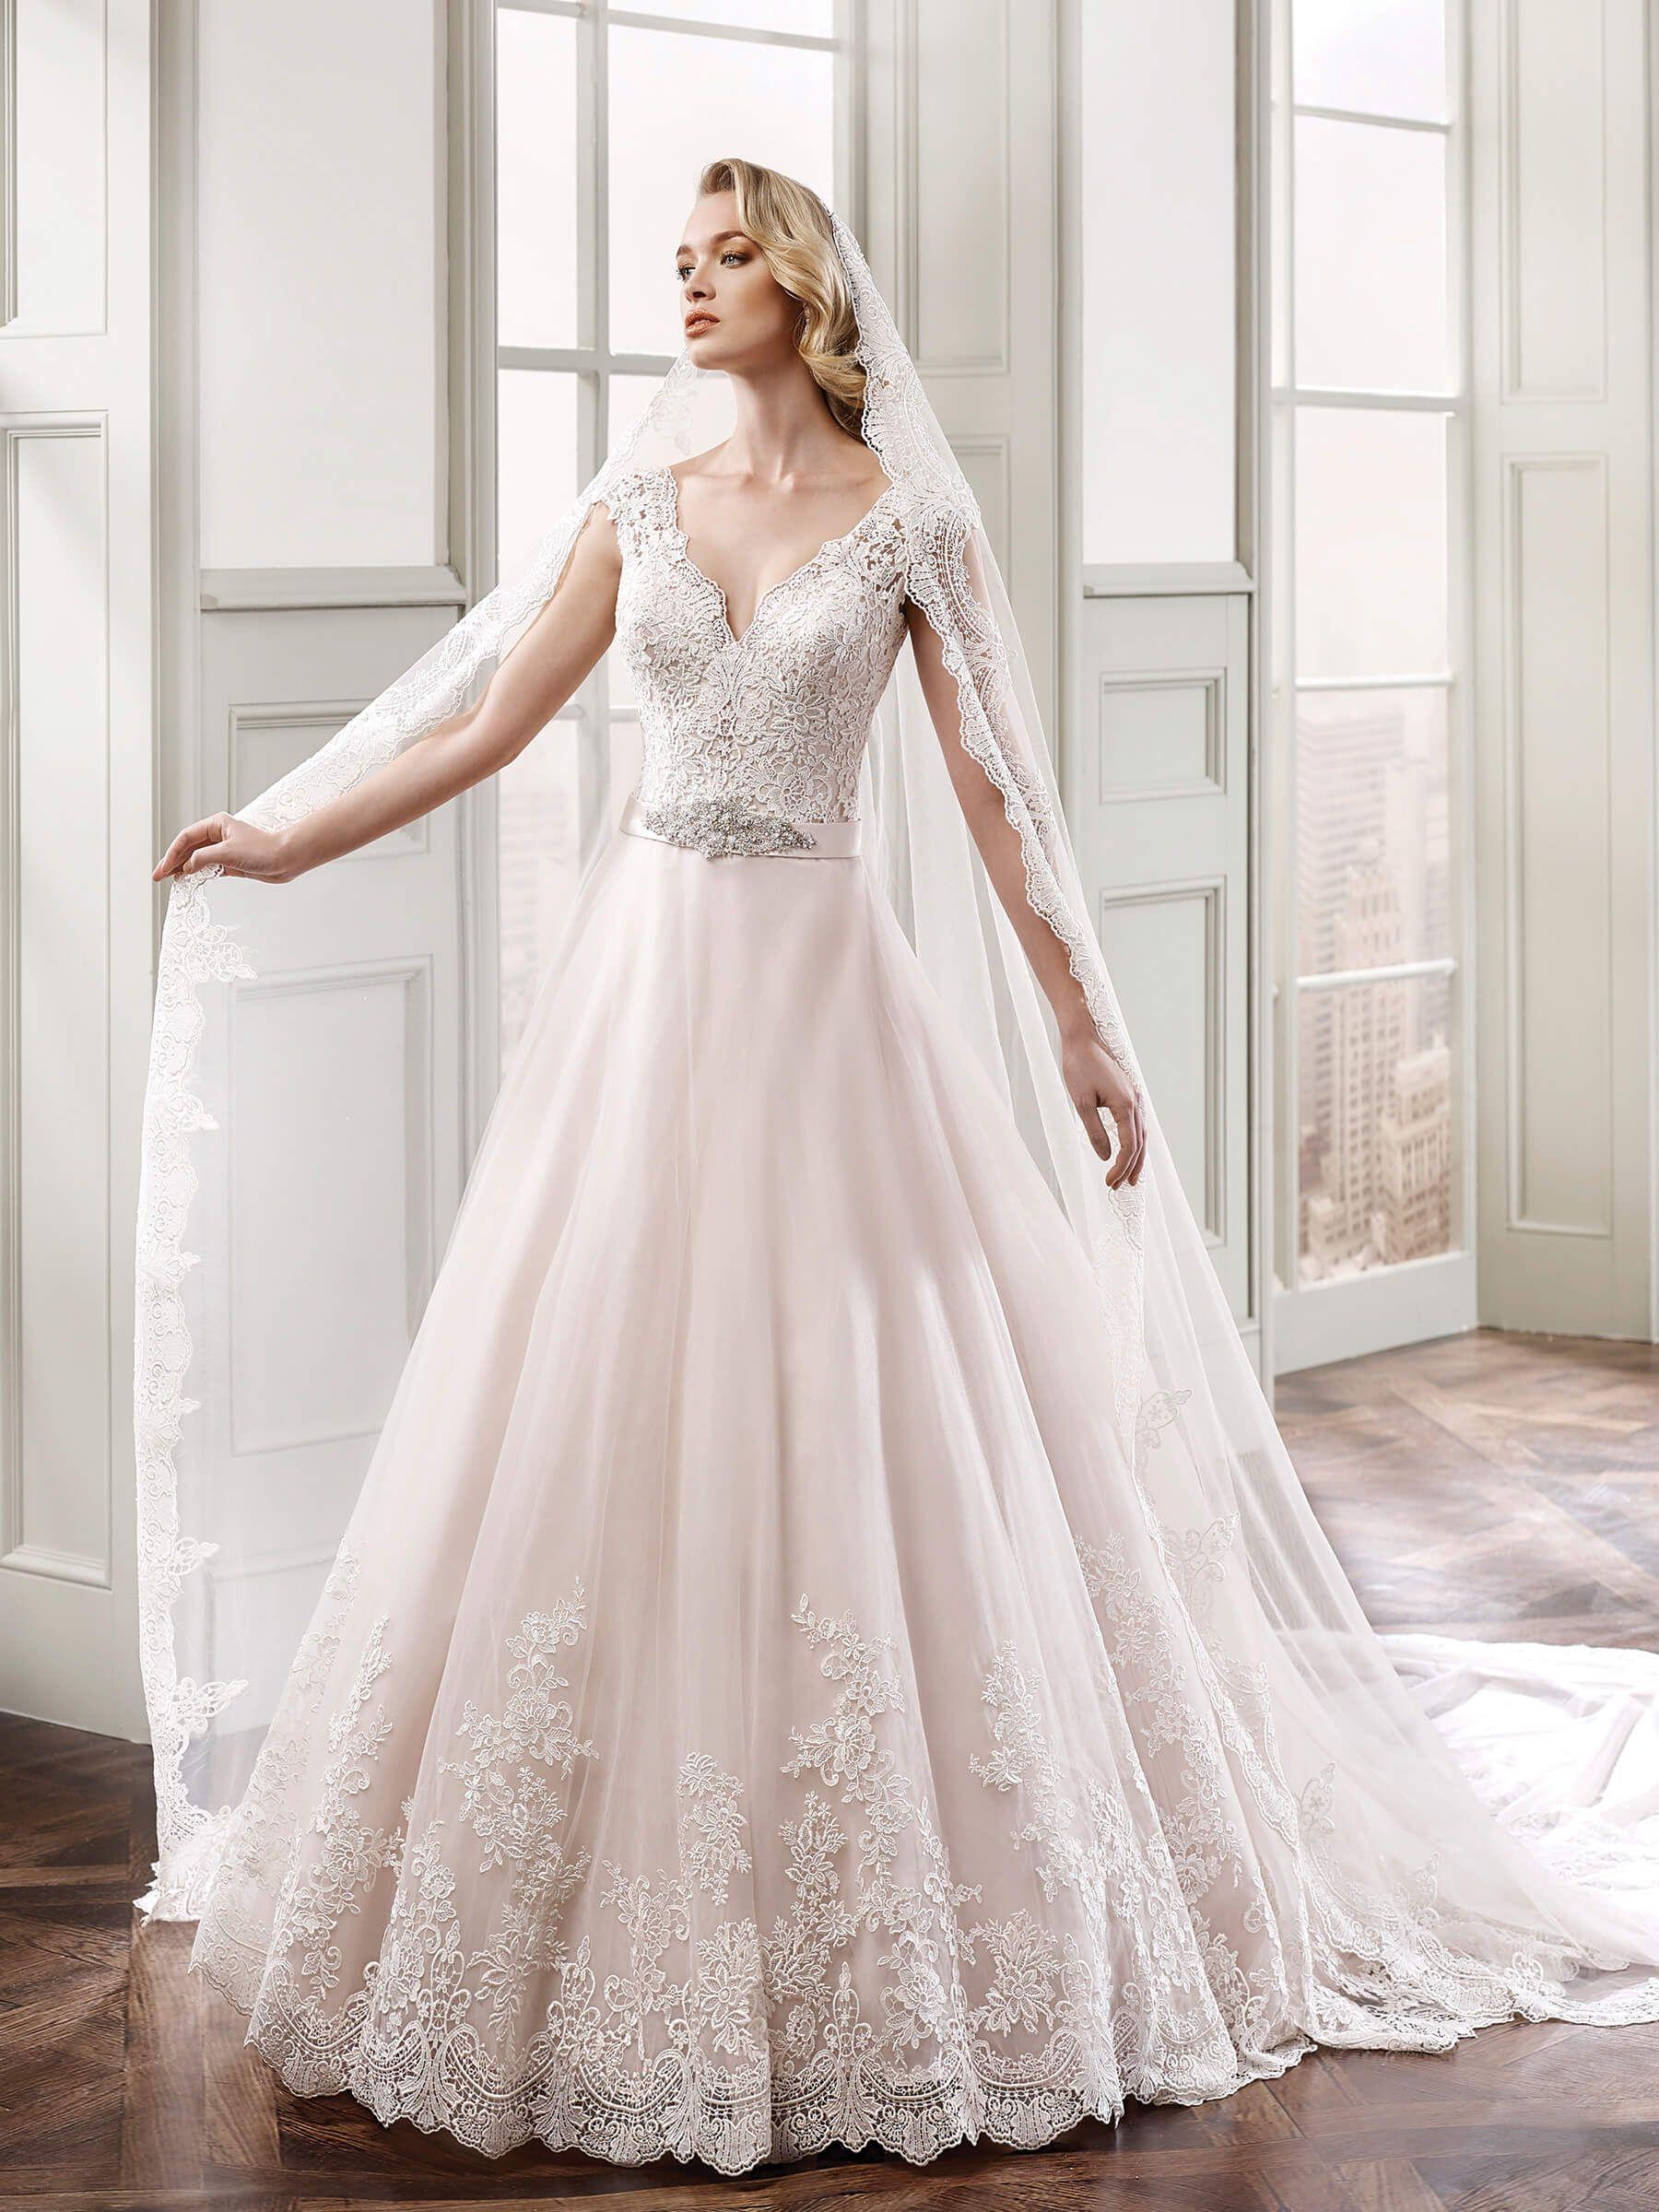 2abb69541a Eddy K. - MD186 - Royal esküvői ruhaszalon | wedding | Wedding ...